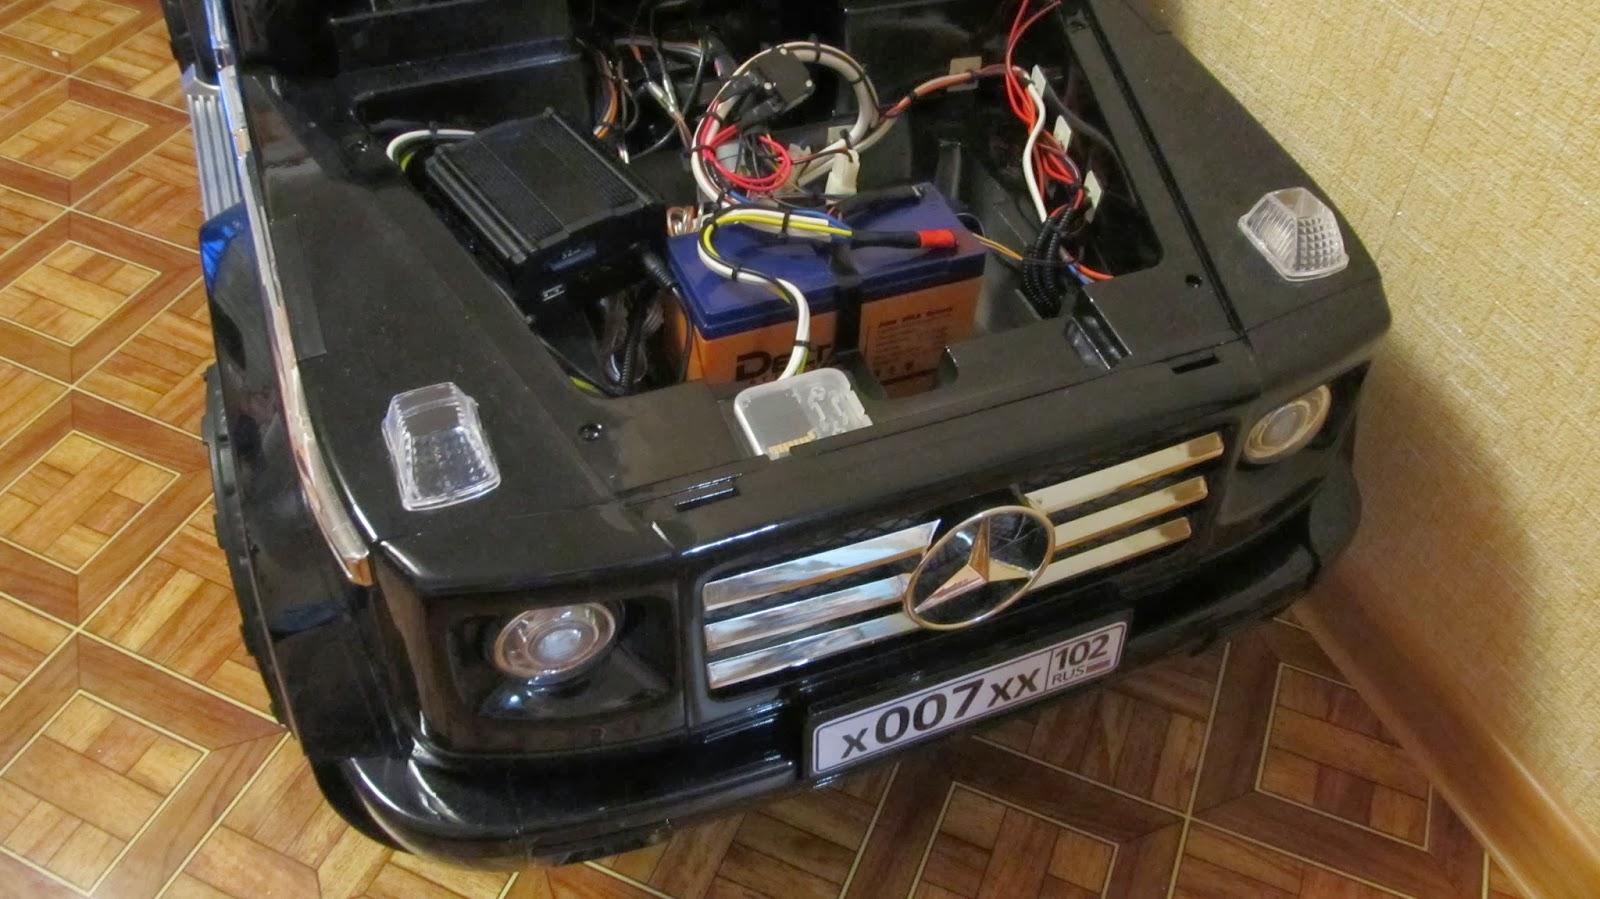 усилитель avs111 в детском электромобиле